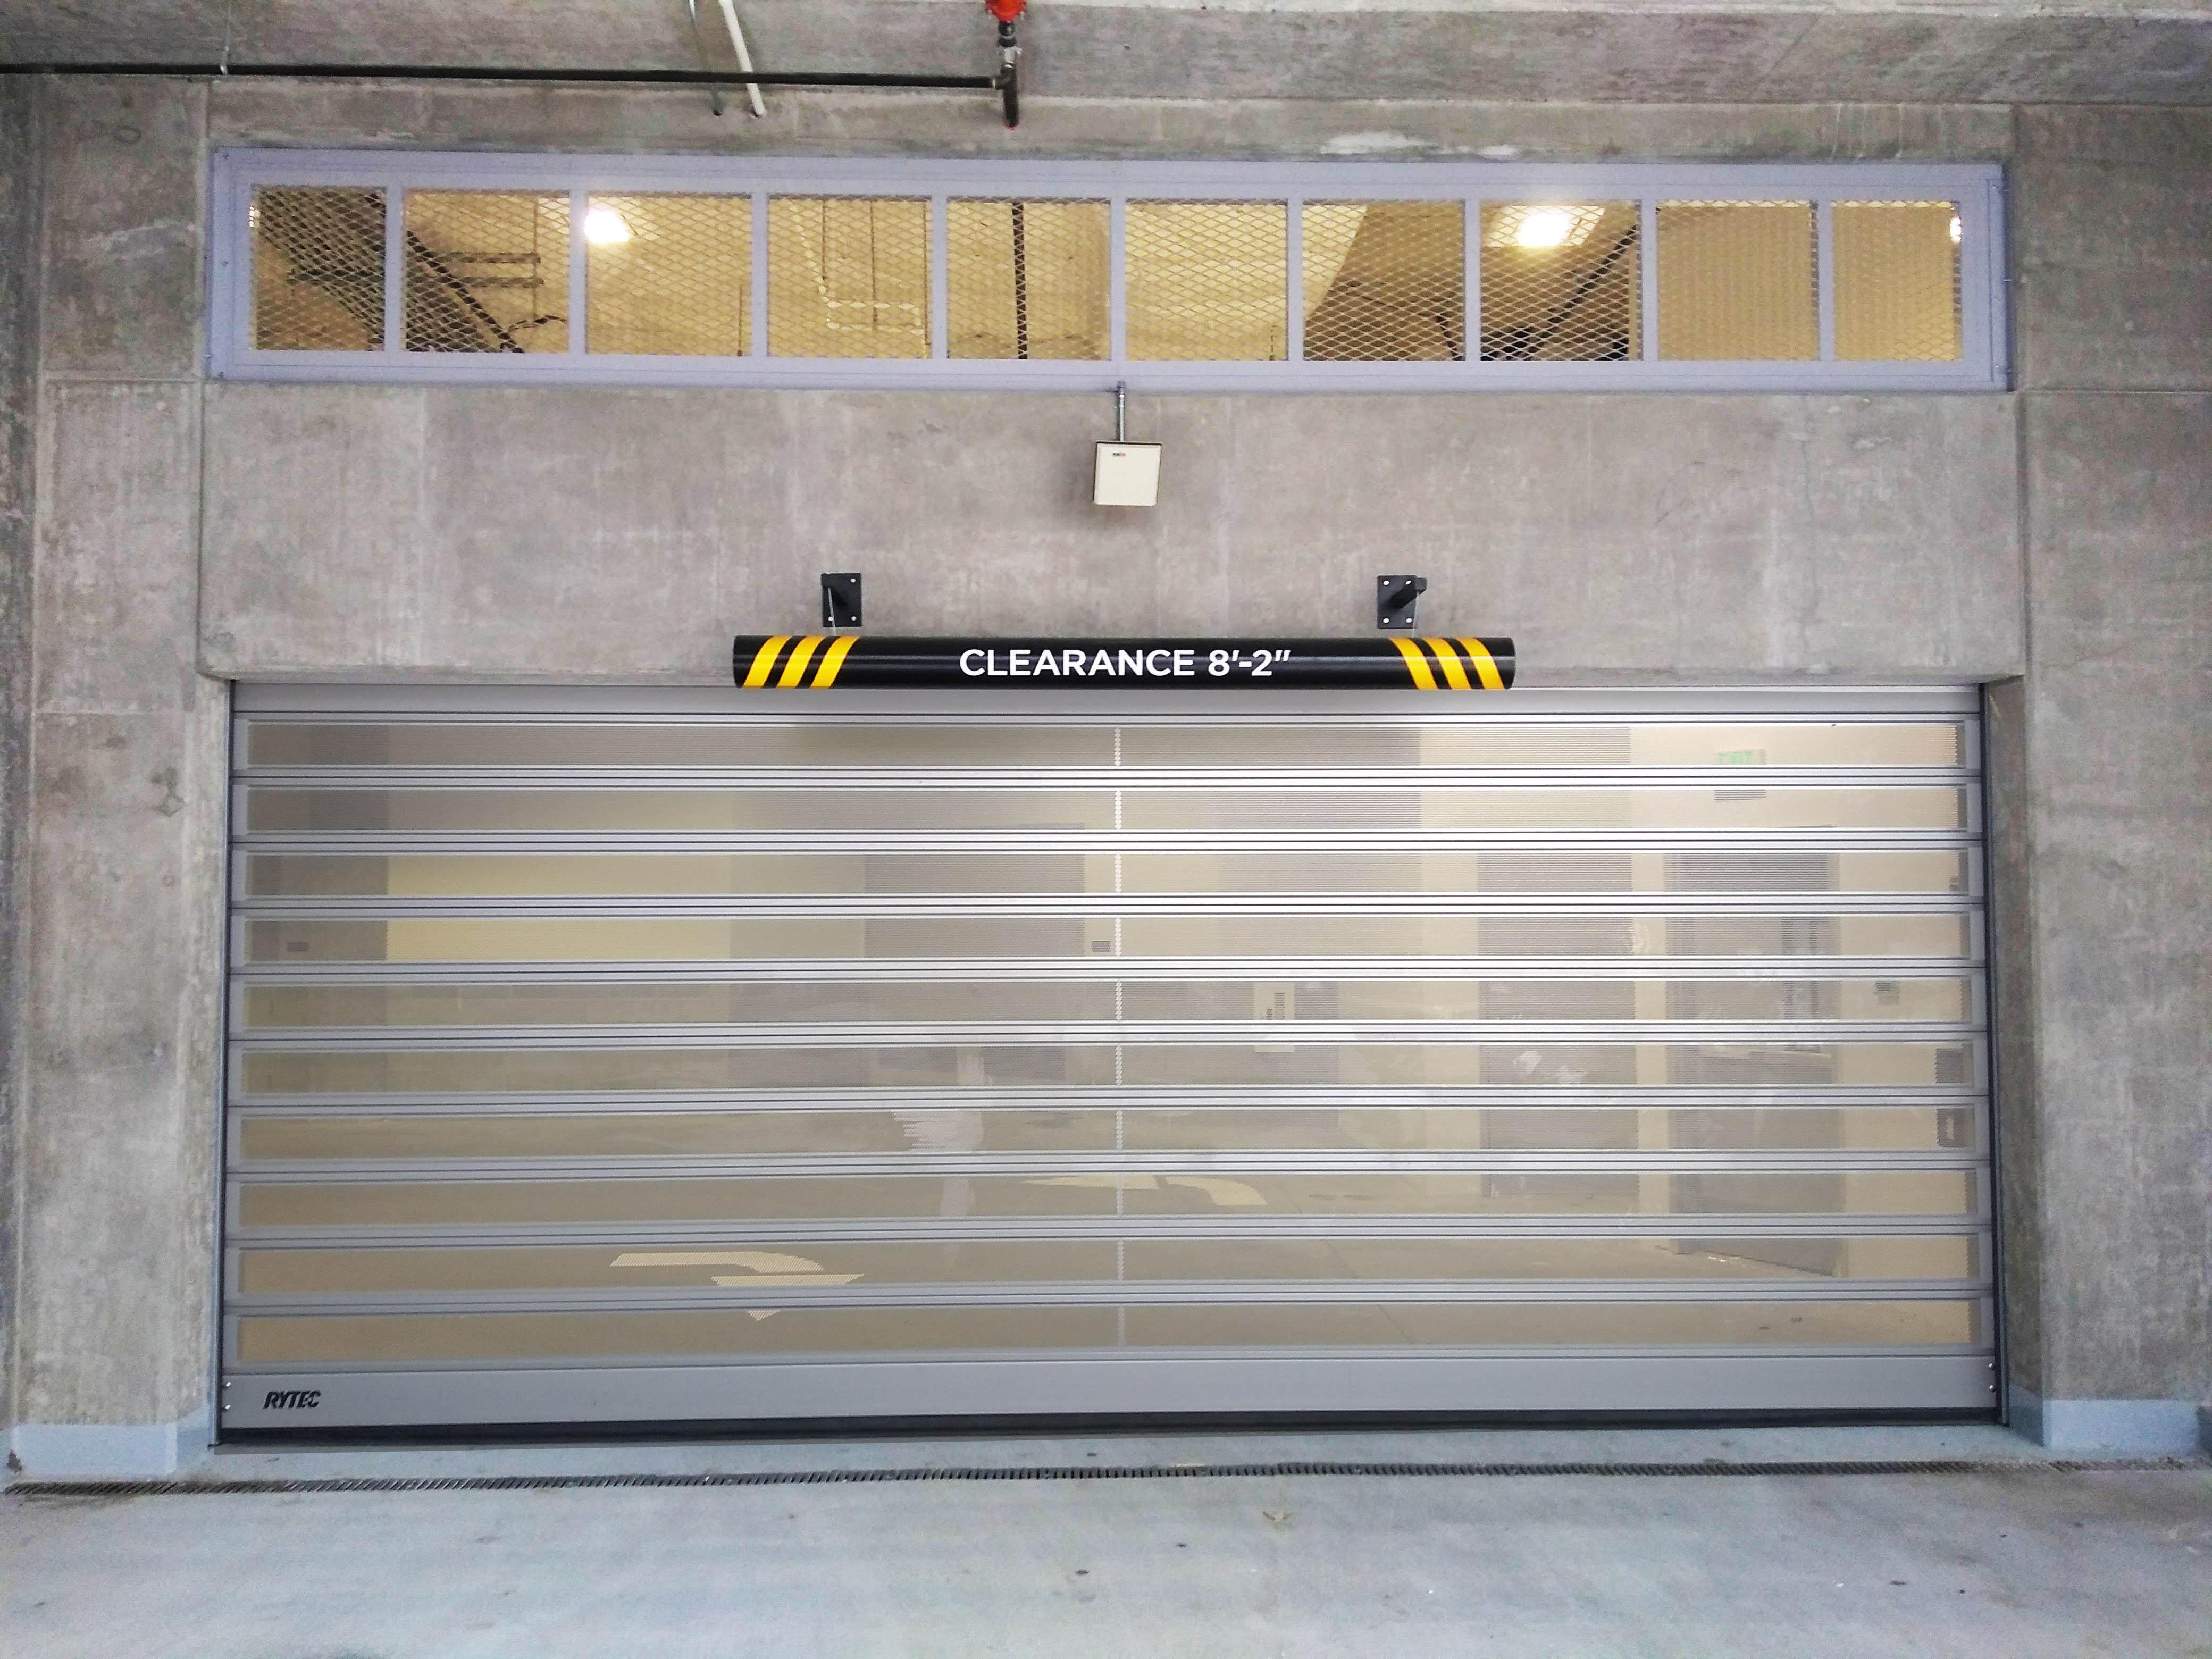 Ventilated Parking Doors